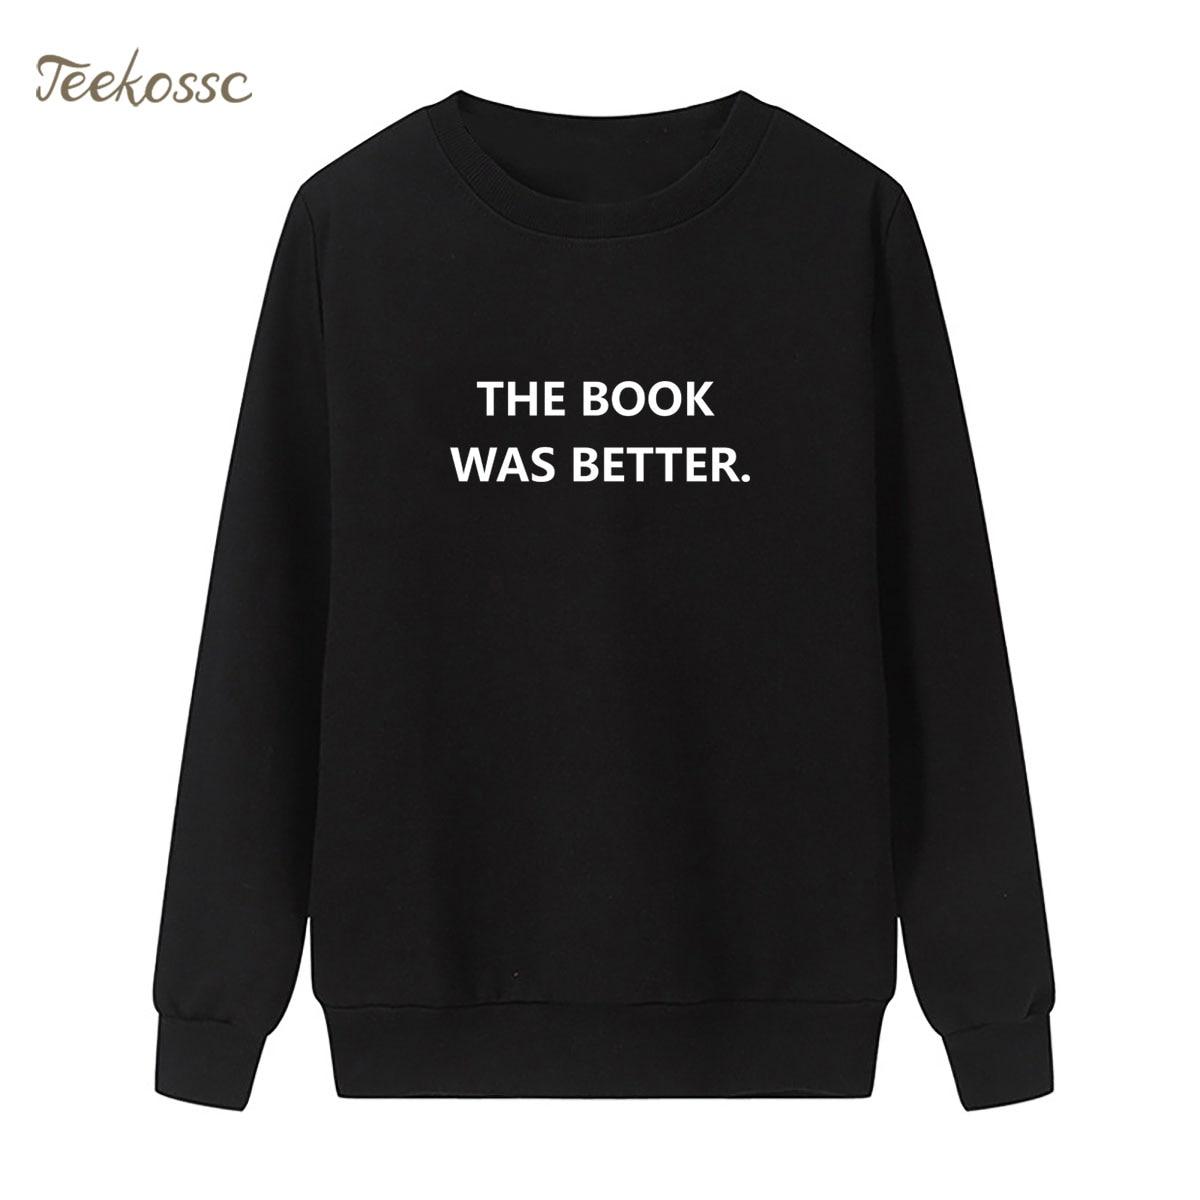 THE BOOK WAS BETTER Sweatshirt Letters Print Funny Hoodie 2018 Winter Autumn Women Lasdies Pullover Fleece Black Blue Streetwear